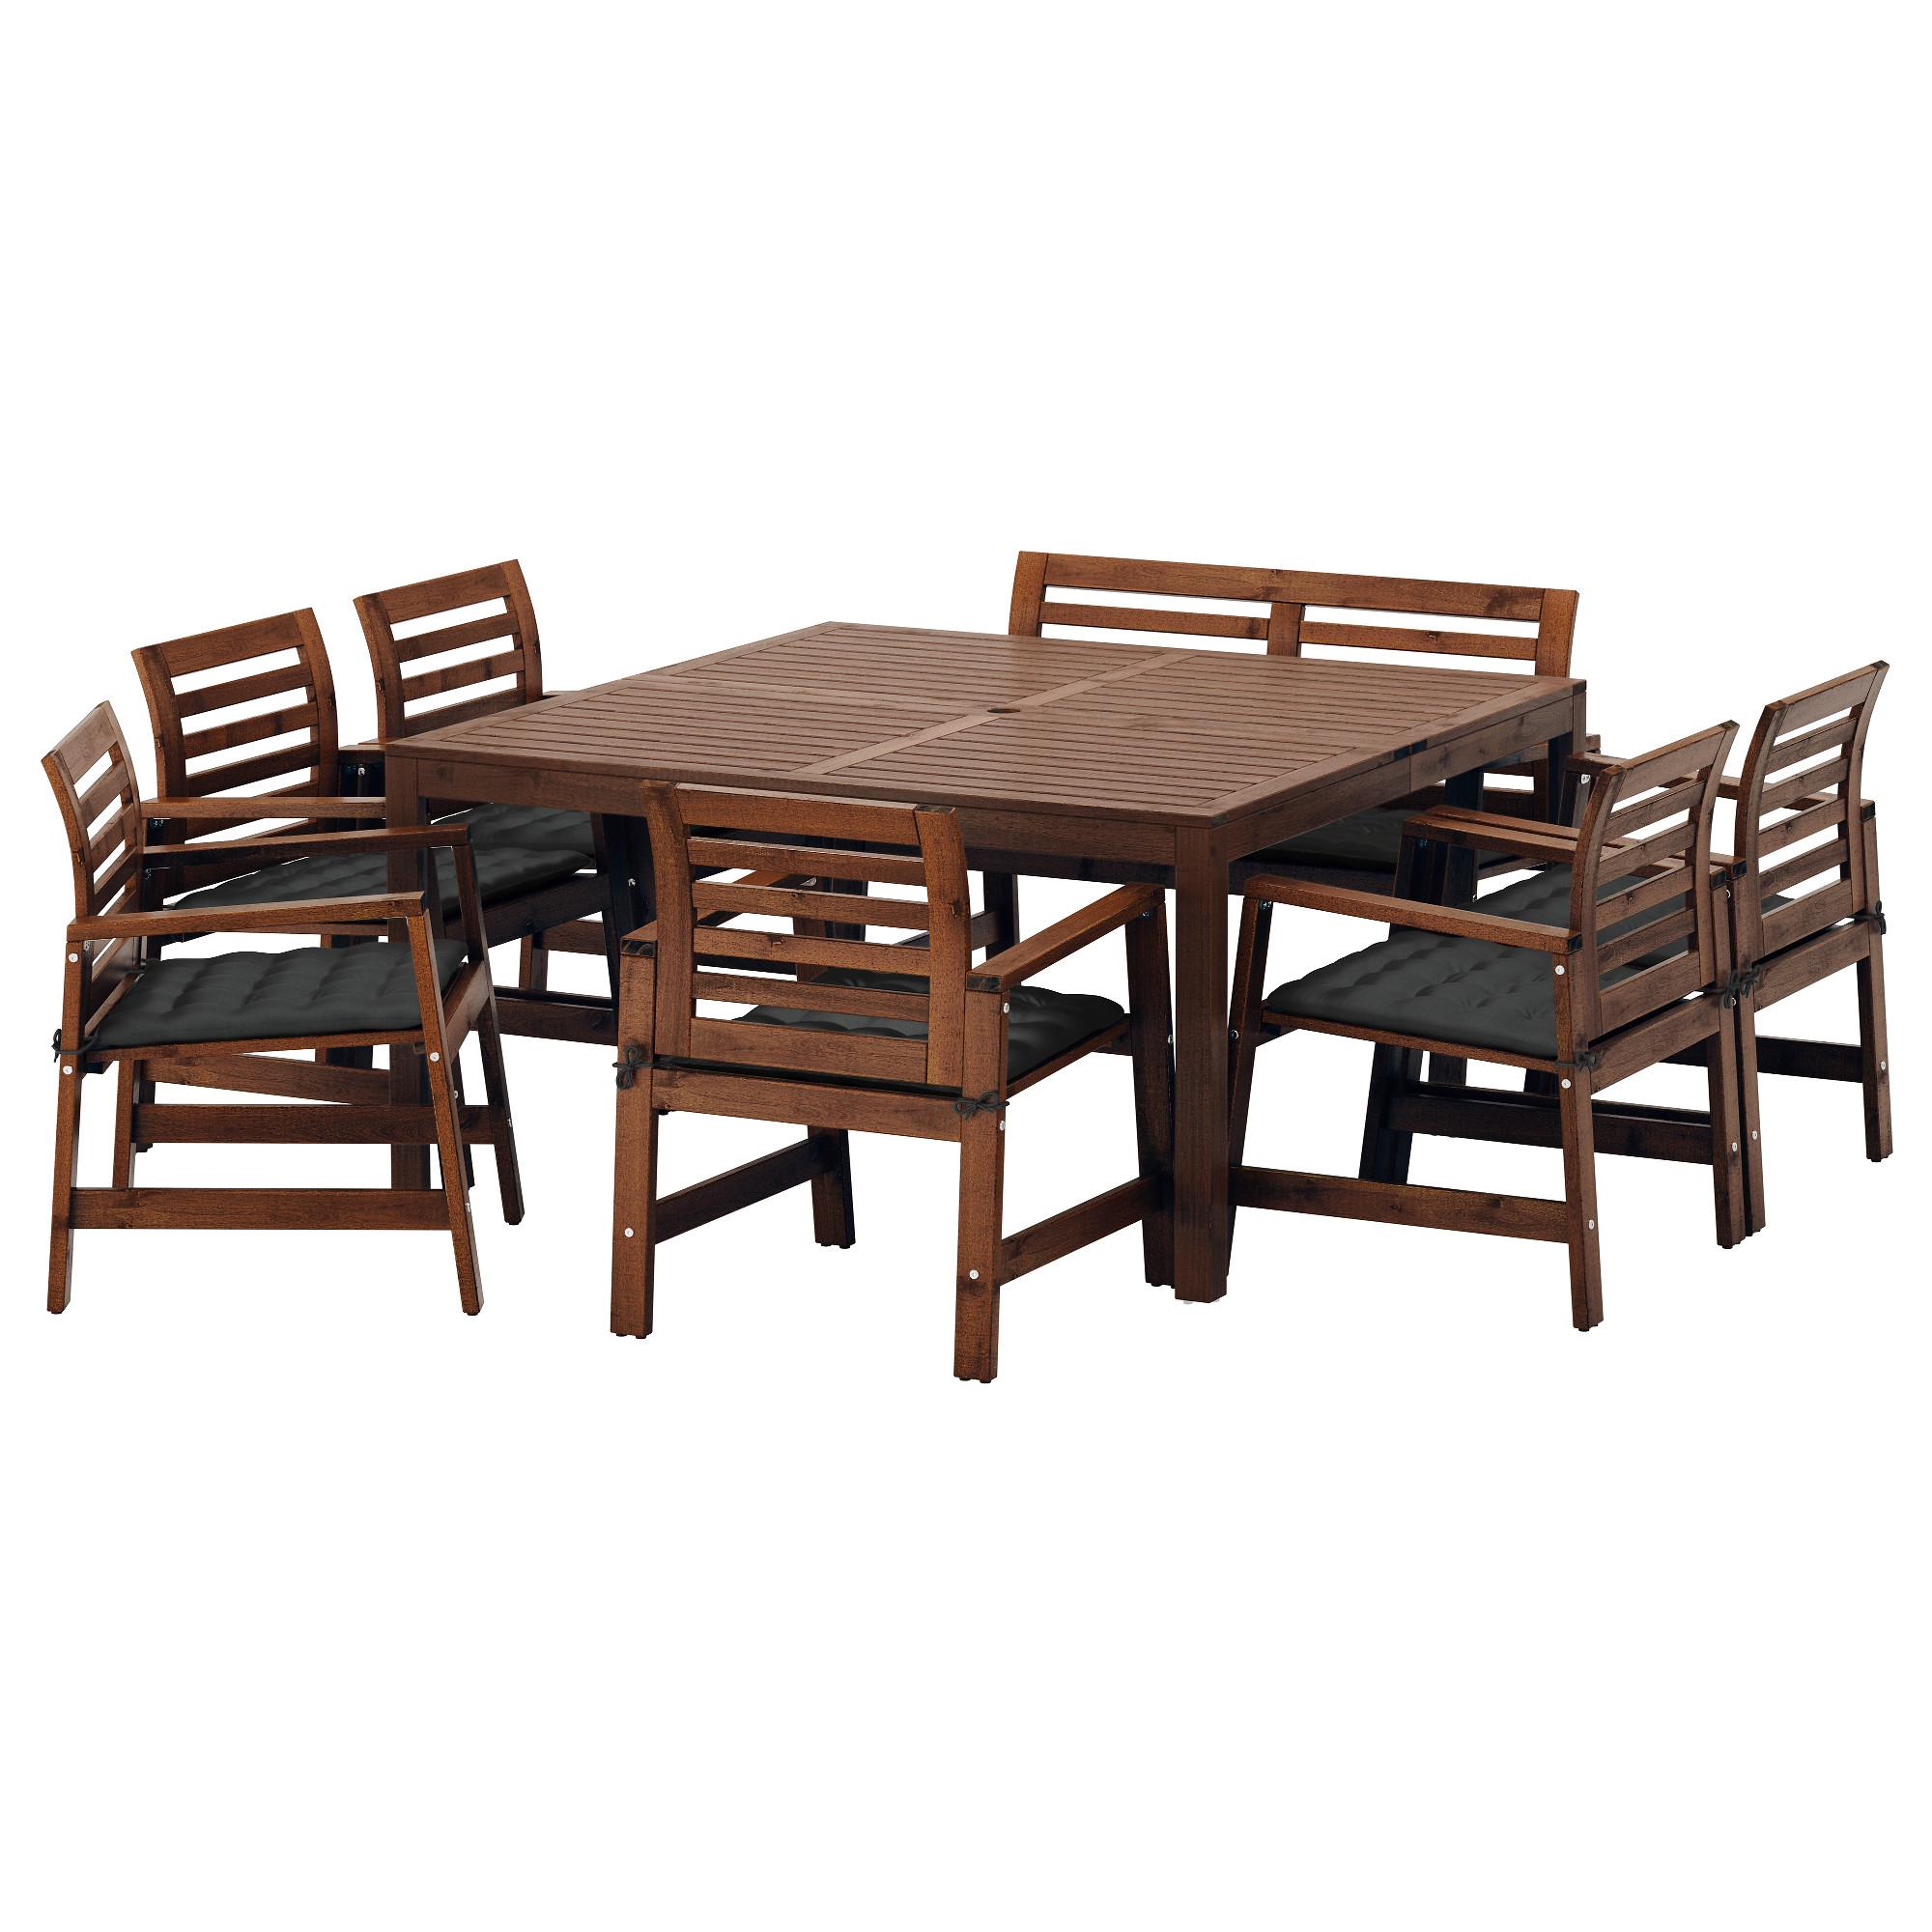 Стол + 6 кресел + скамья для сада ЭПЛАРО черный артикуль № 592.289.49 в наличии. Онлайн сайт IKEA Беларусь. Быстрая доставка и установка.